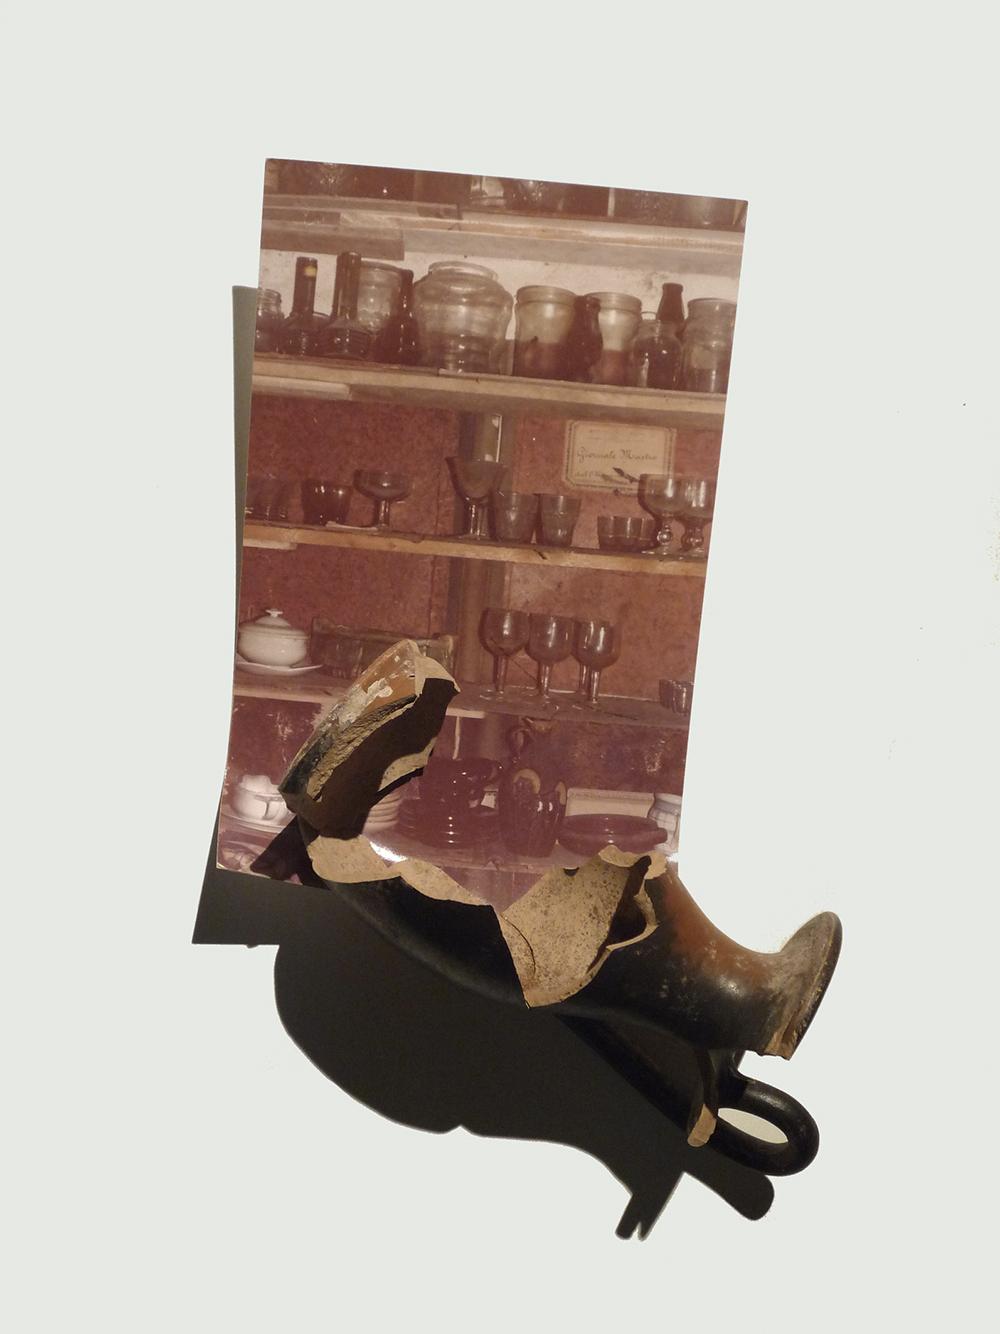 Antropologie, 1978, stampa originale e coccio, cm 26x17